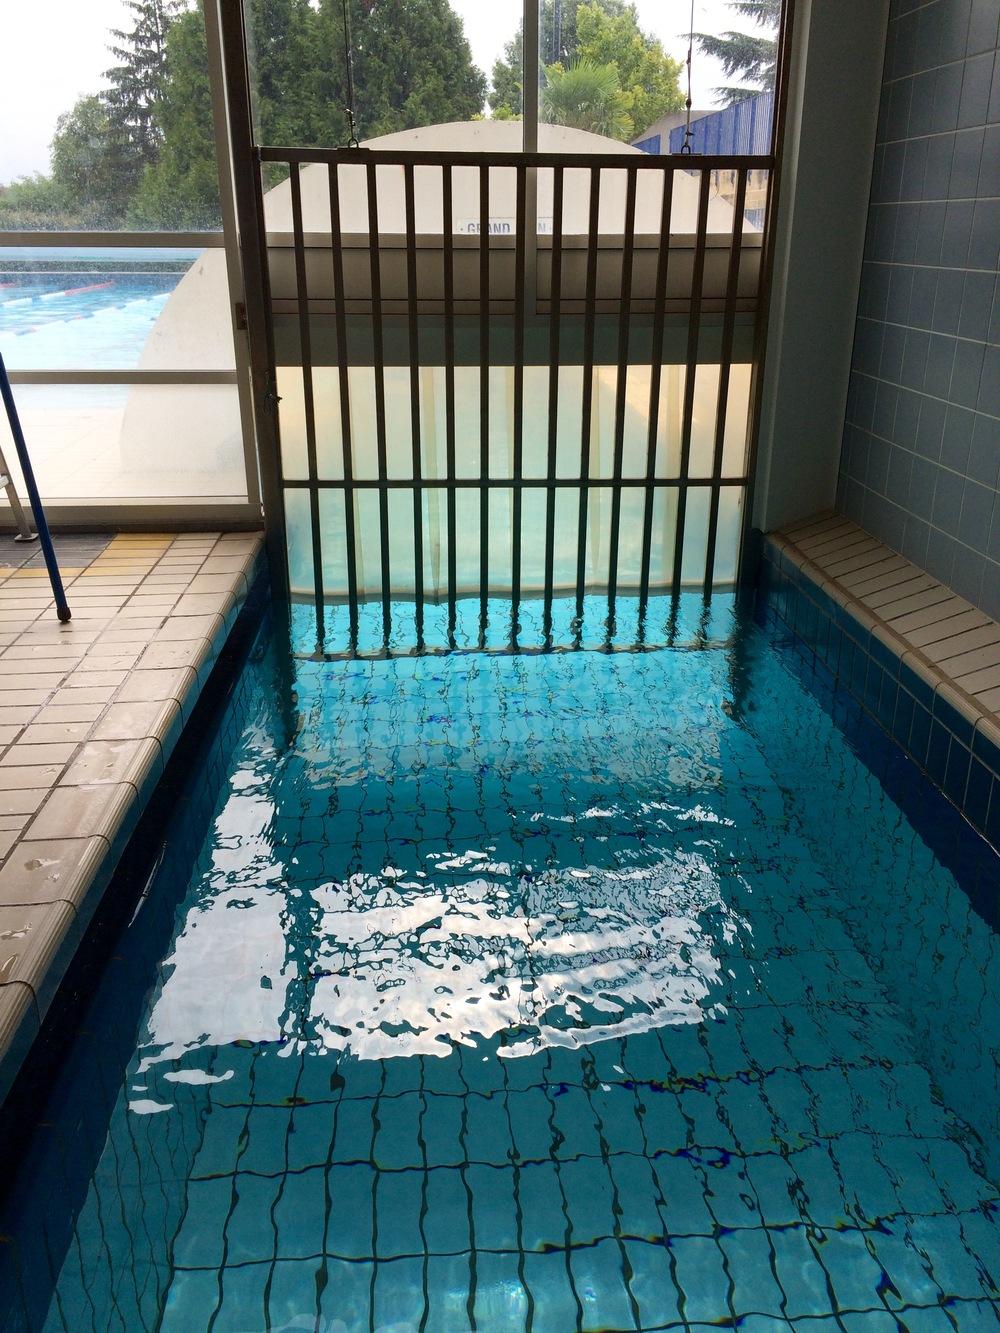 Chelle piscine inox gallery of pin piscine piscines inox for Tarif piscine inox